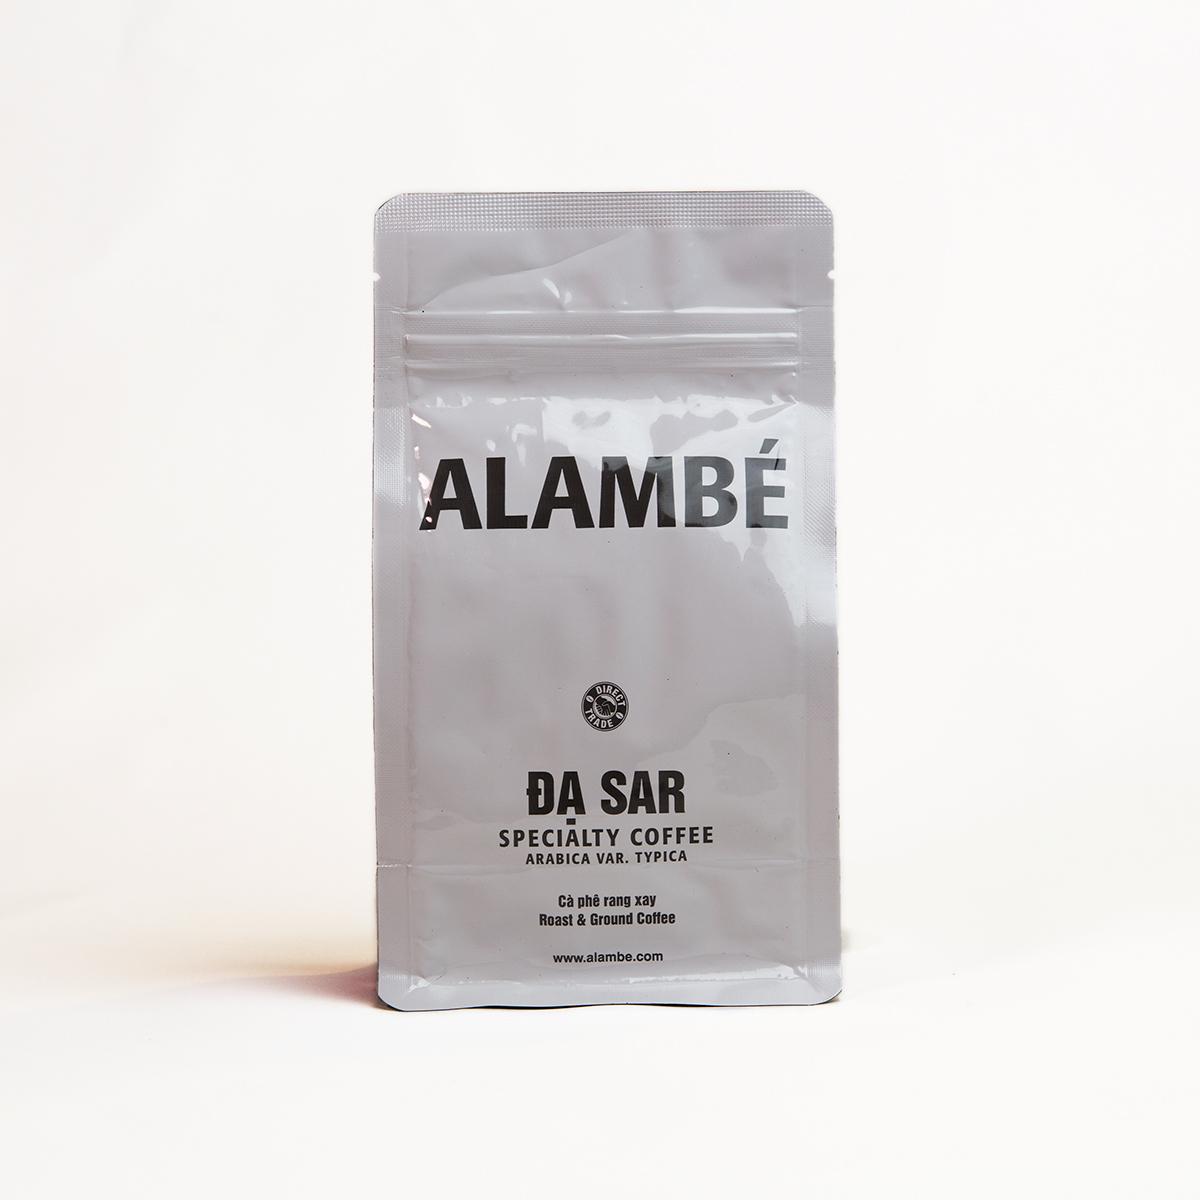 Cà phê rang xay đặc biệt Đạ Sar ALAMBÉ 230g